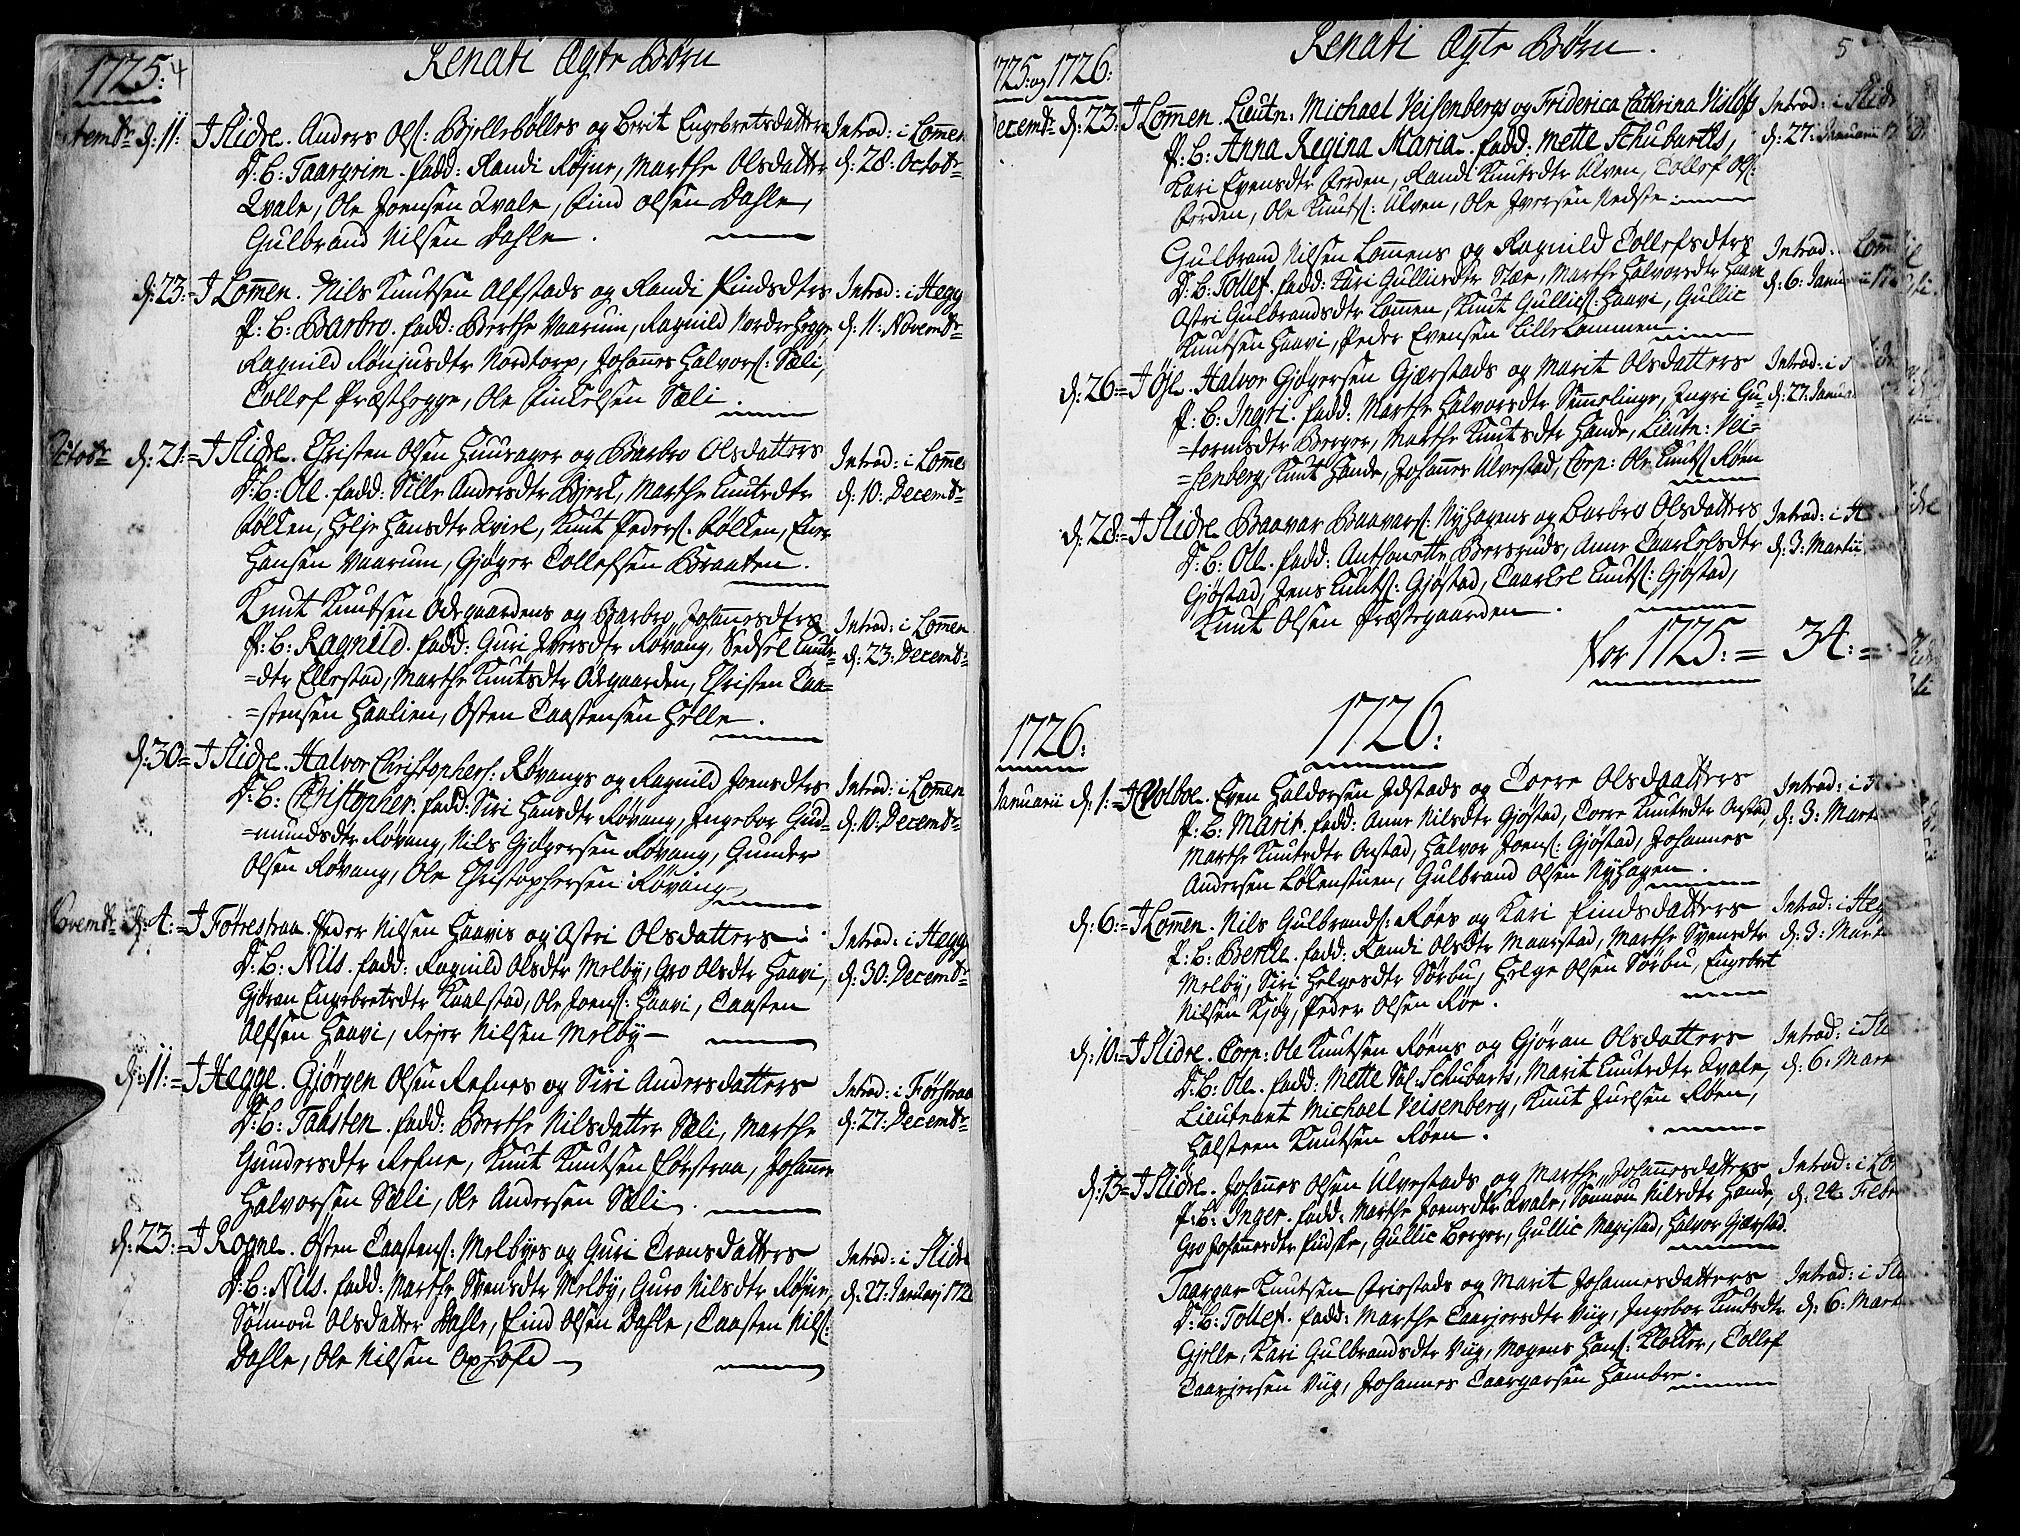 SAH, Slidre prestekontor, Ministerialbok nr. 1, 1724-1814, s. 4-5